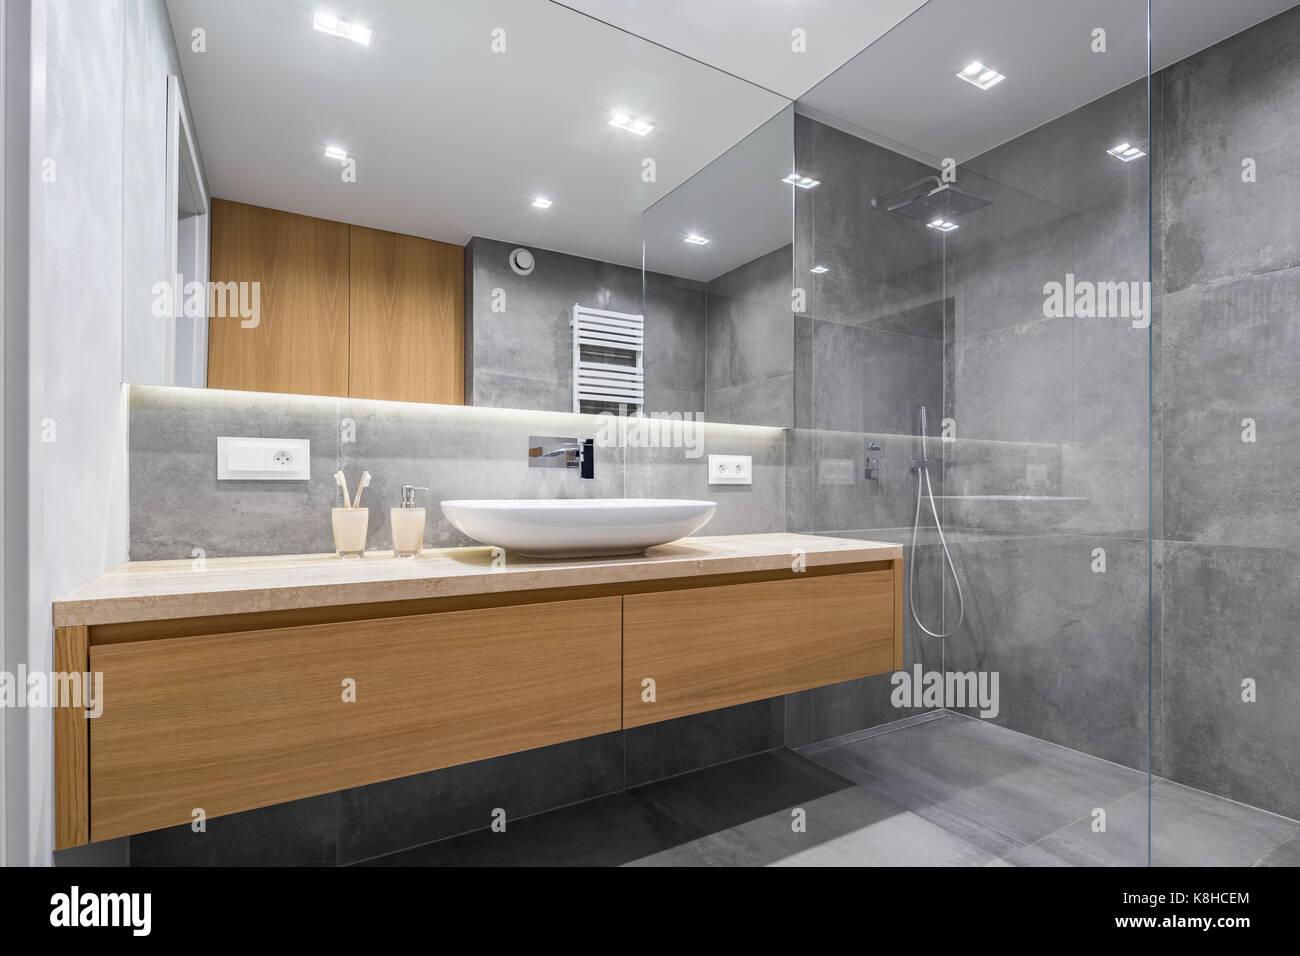 Modernes Bad Mit Holz Arbeitsplatte, Dusche, Waschbecken Und Großem Spiegel